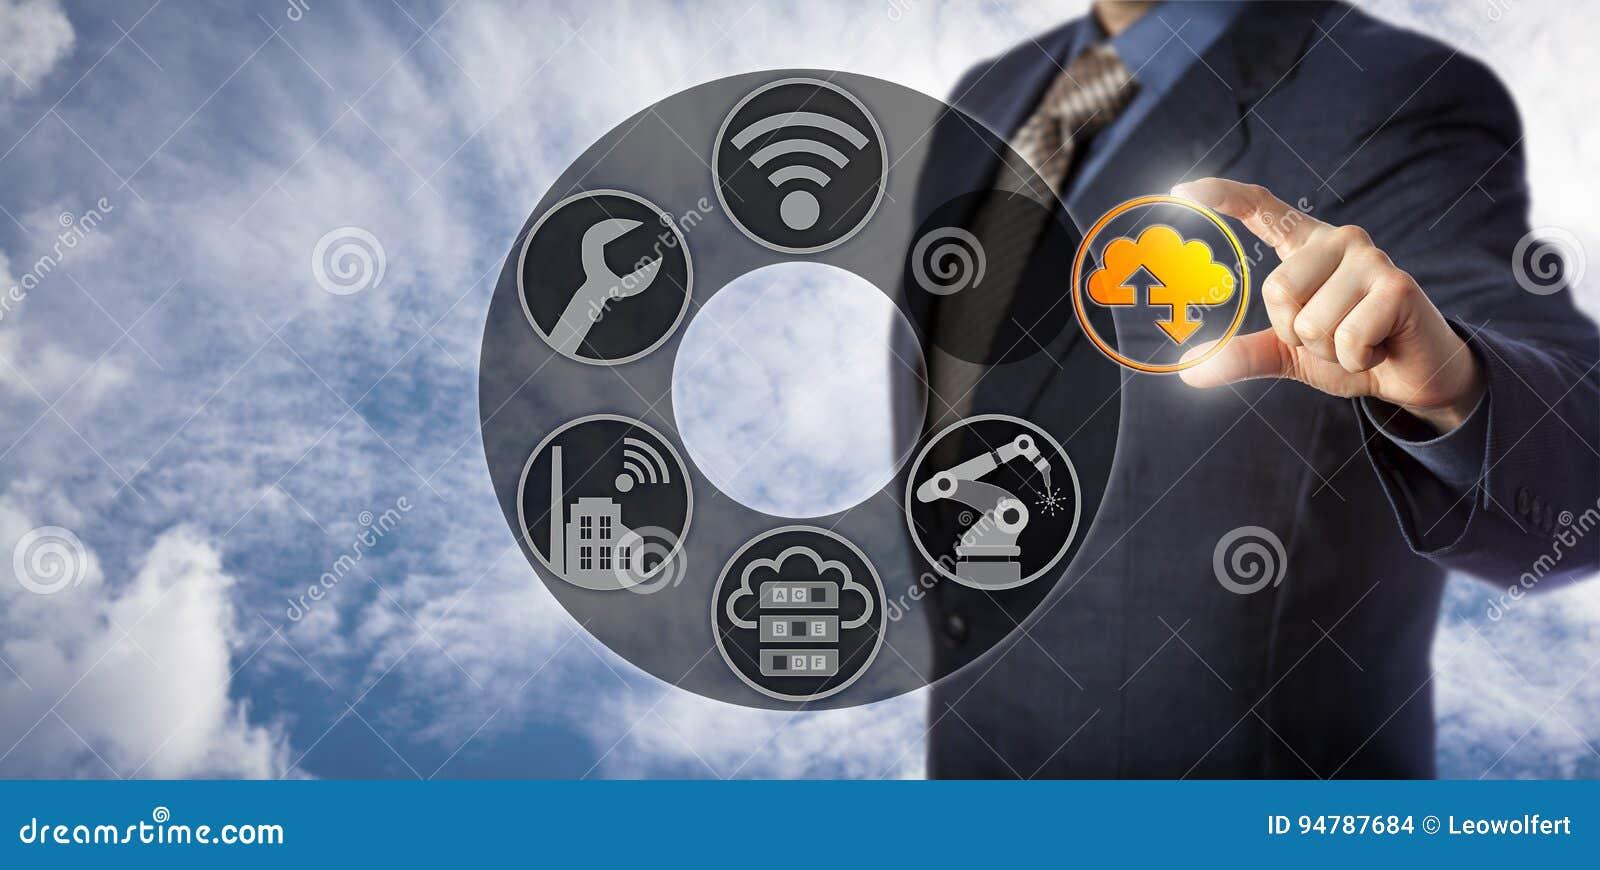 Tecnico di assistenza Enabling Cloud Manufacturing